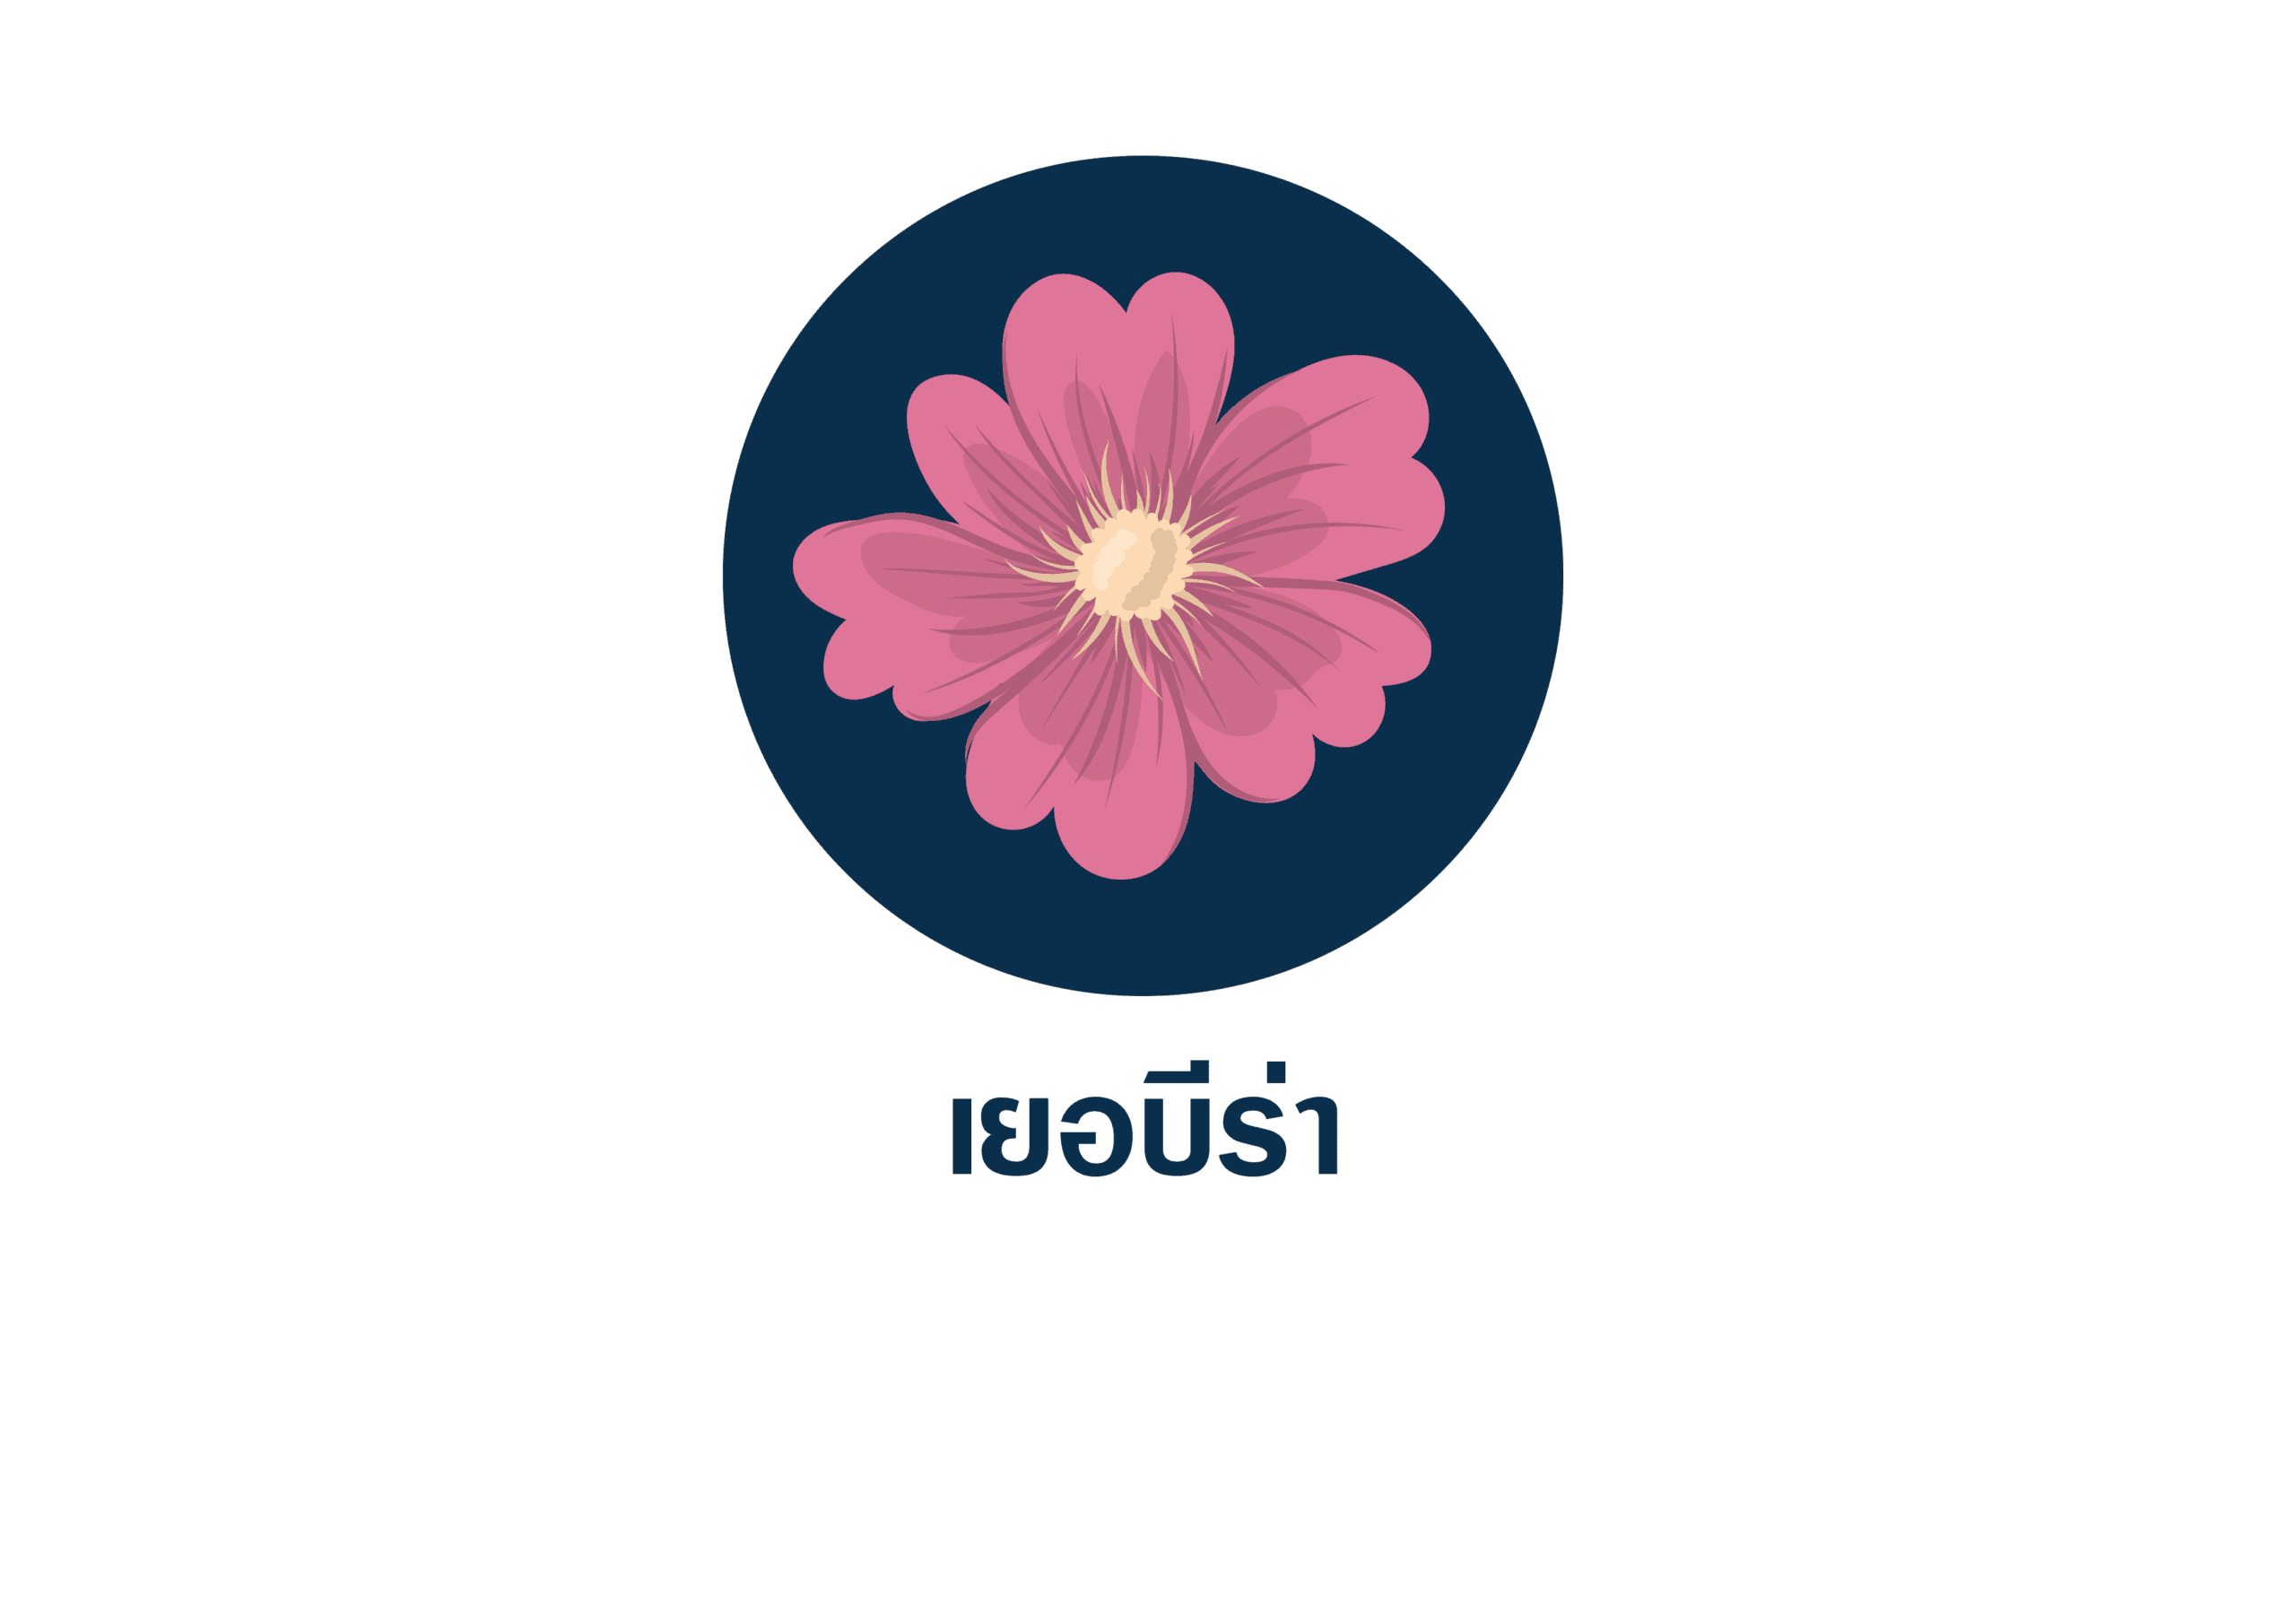 ดอกไม้ที่ใช้สำหรับจัดงานศพ 8